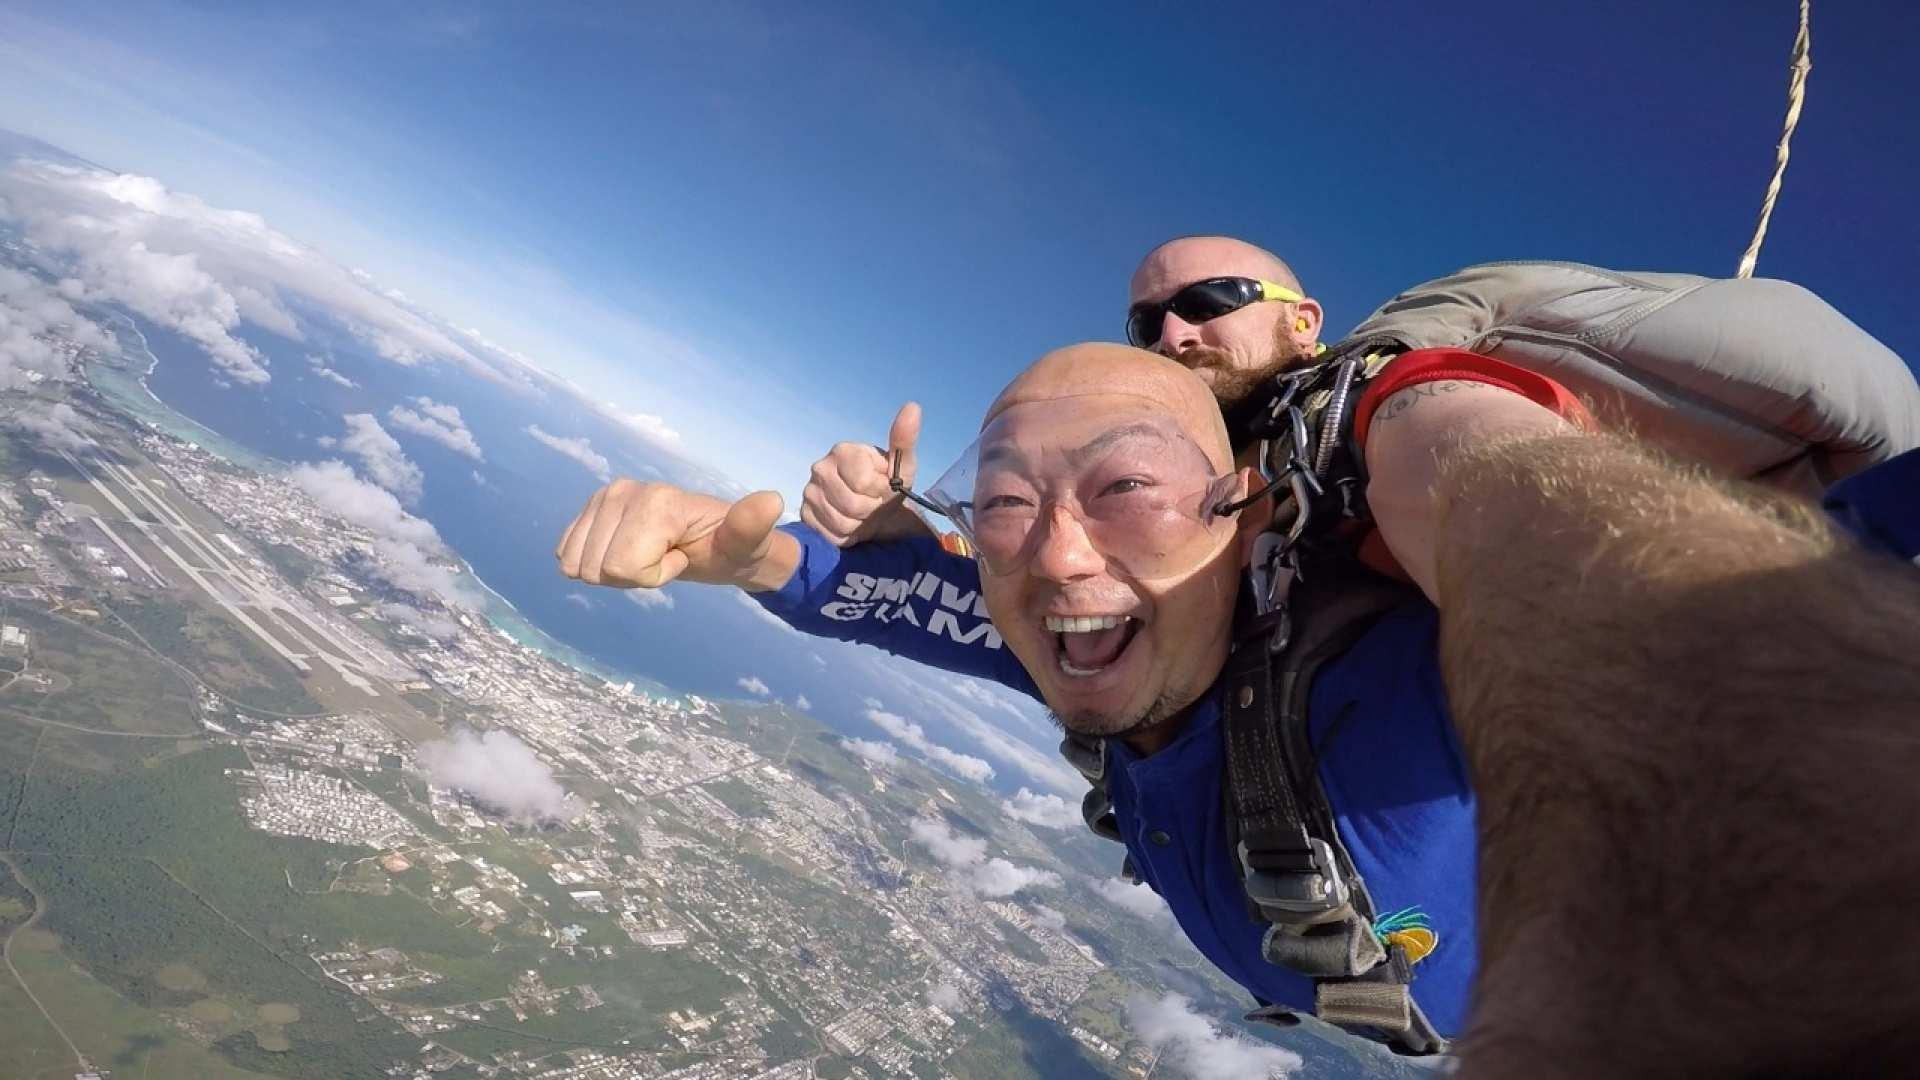 【人生圓夢清單】關島 SkyDive 高空跳傘(含飯店接送)